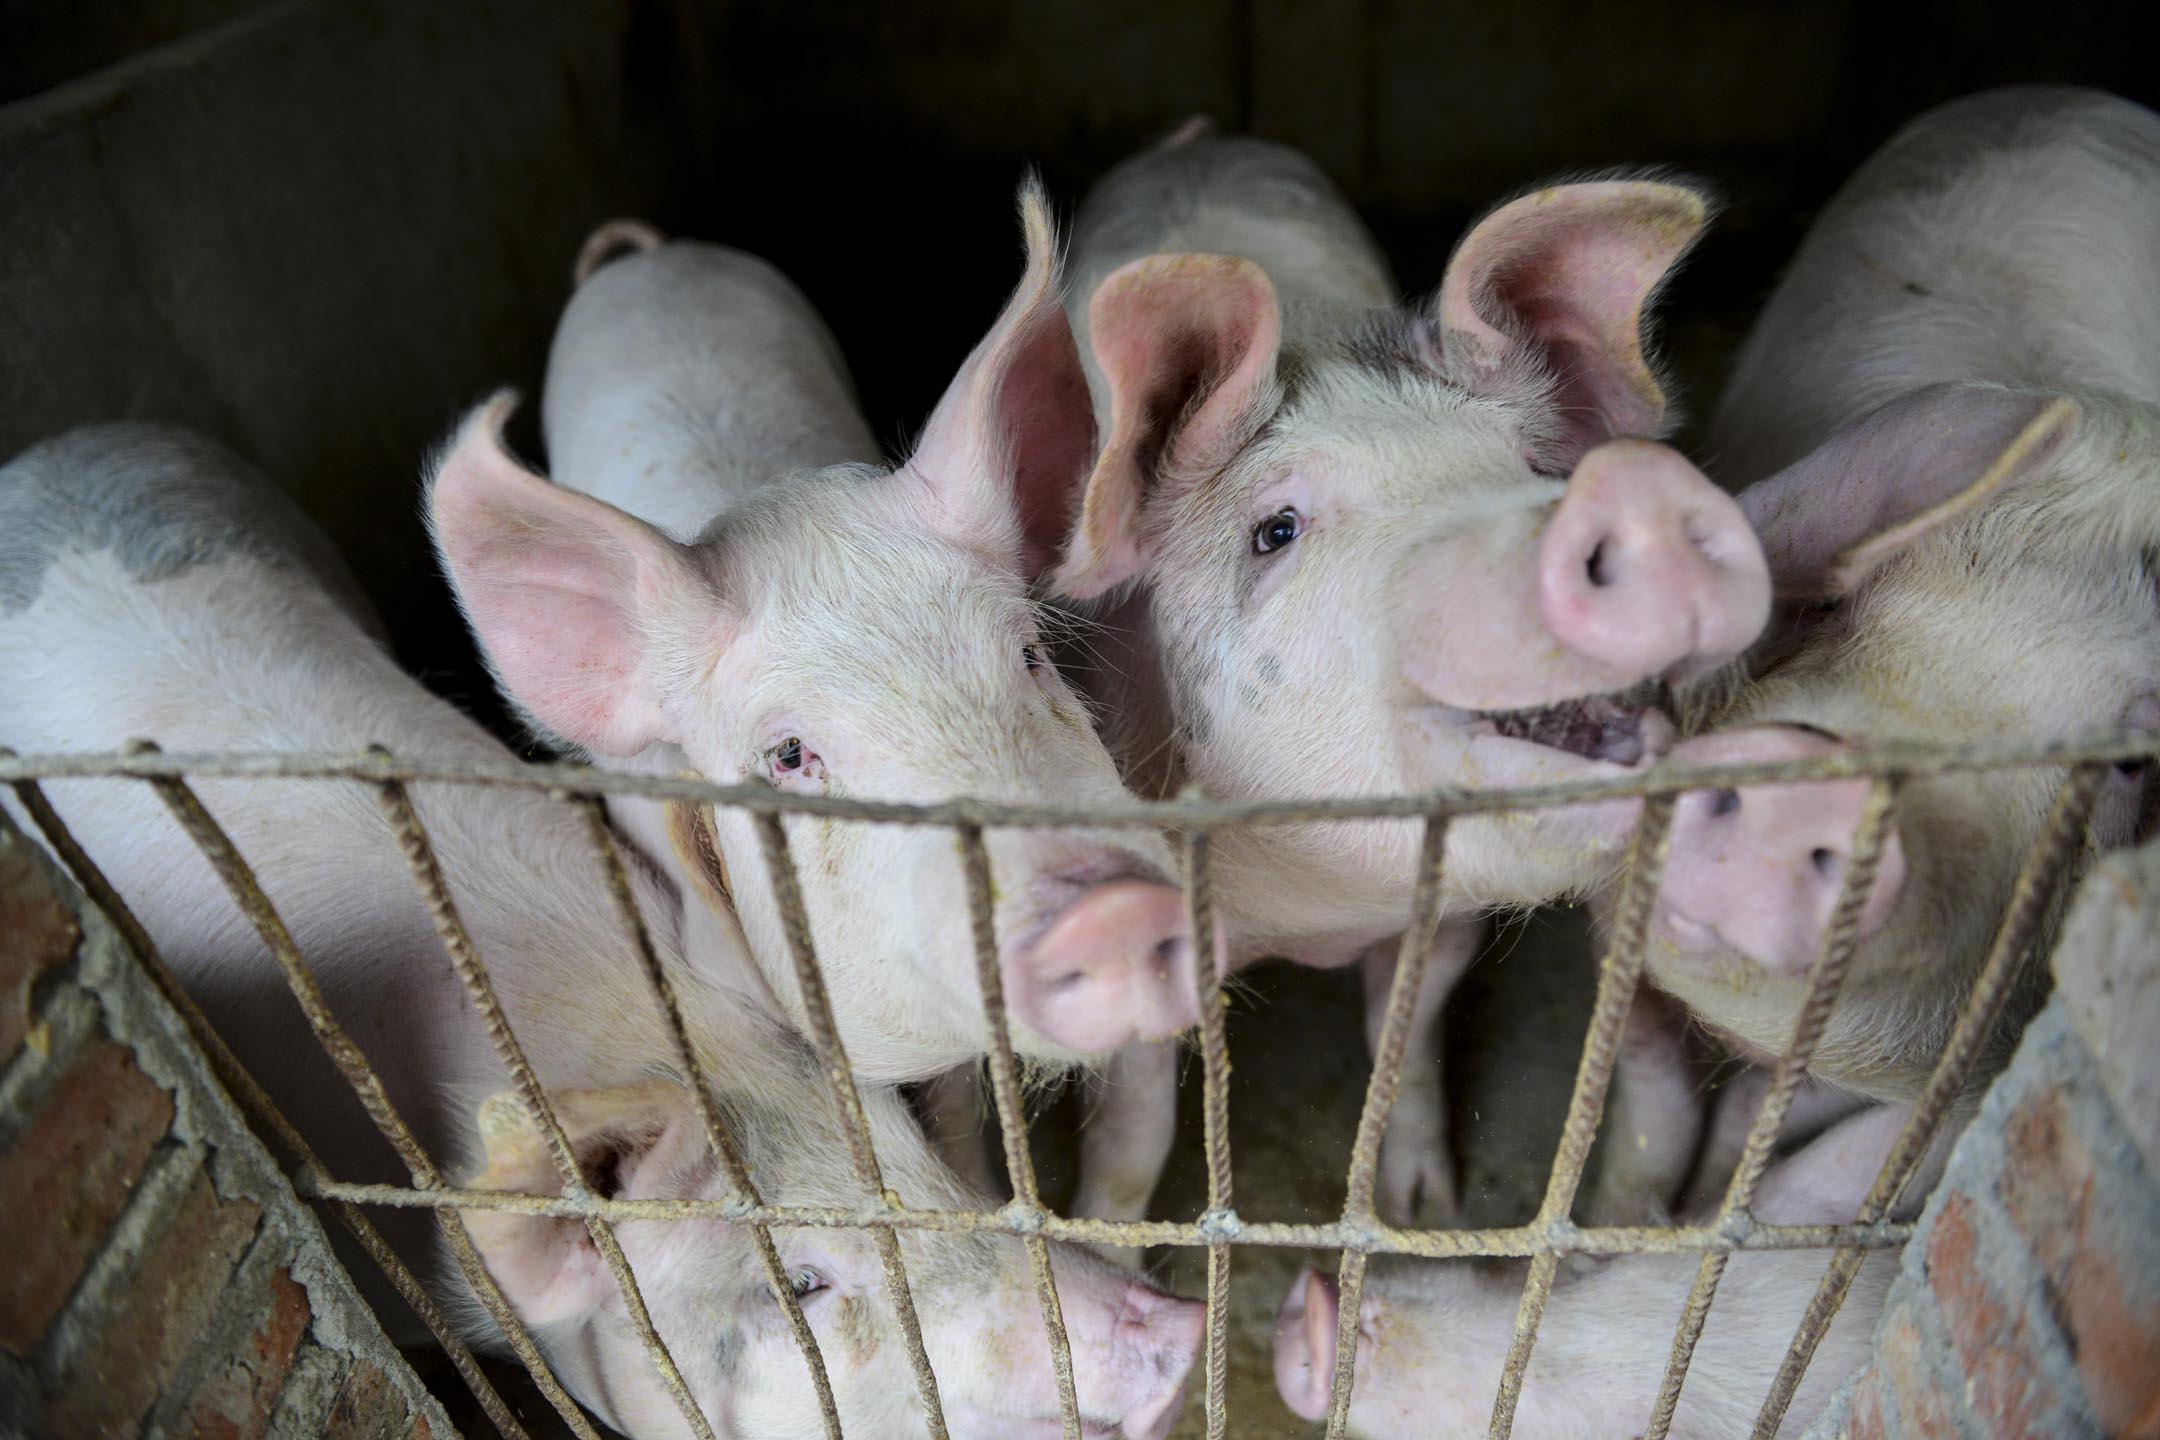 從2018年8月初,遼寧省發現中國首例非洲豬瘟疫情至今,已有22個省市區曝出總計104起非洲豬瘟疫情。圖為2018年12月5日,安徽一個農民的養豬場。 攝:VCG/VCG via Getty Images